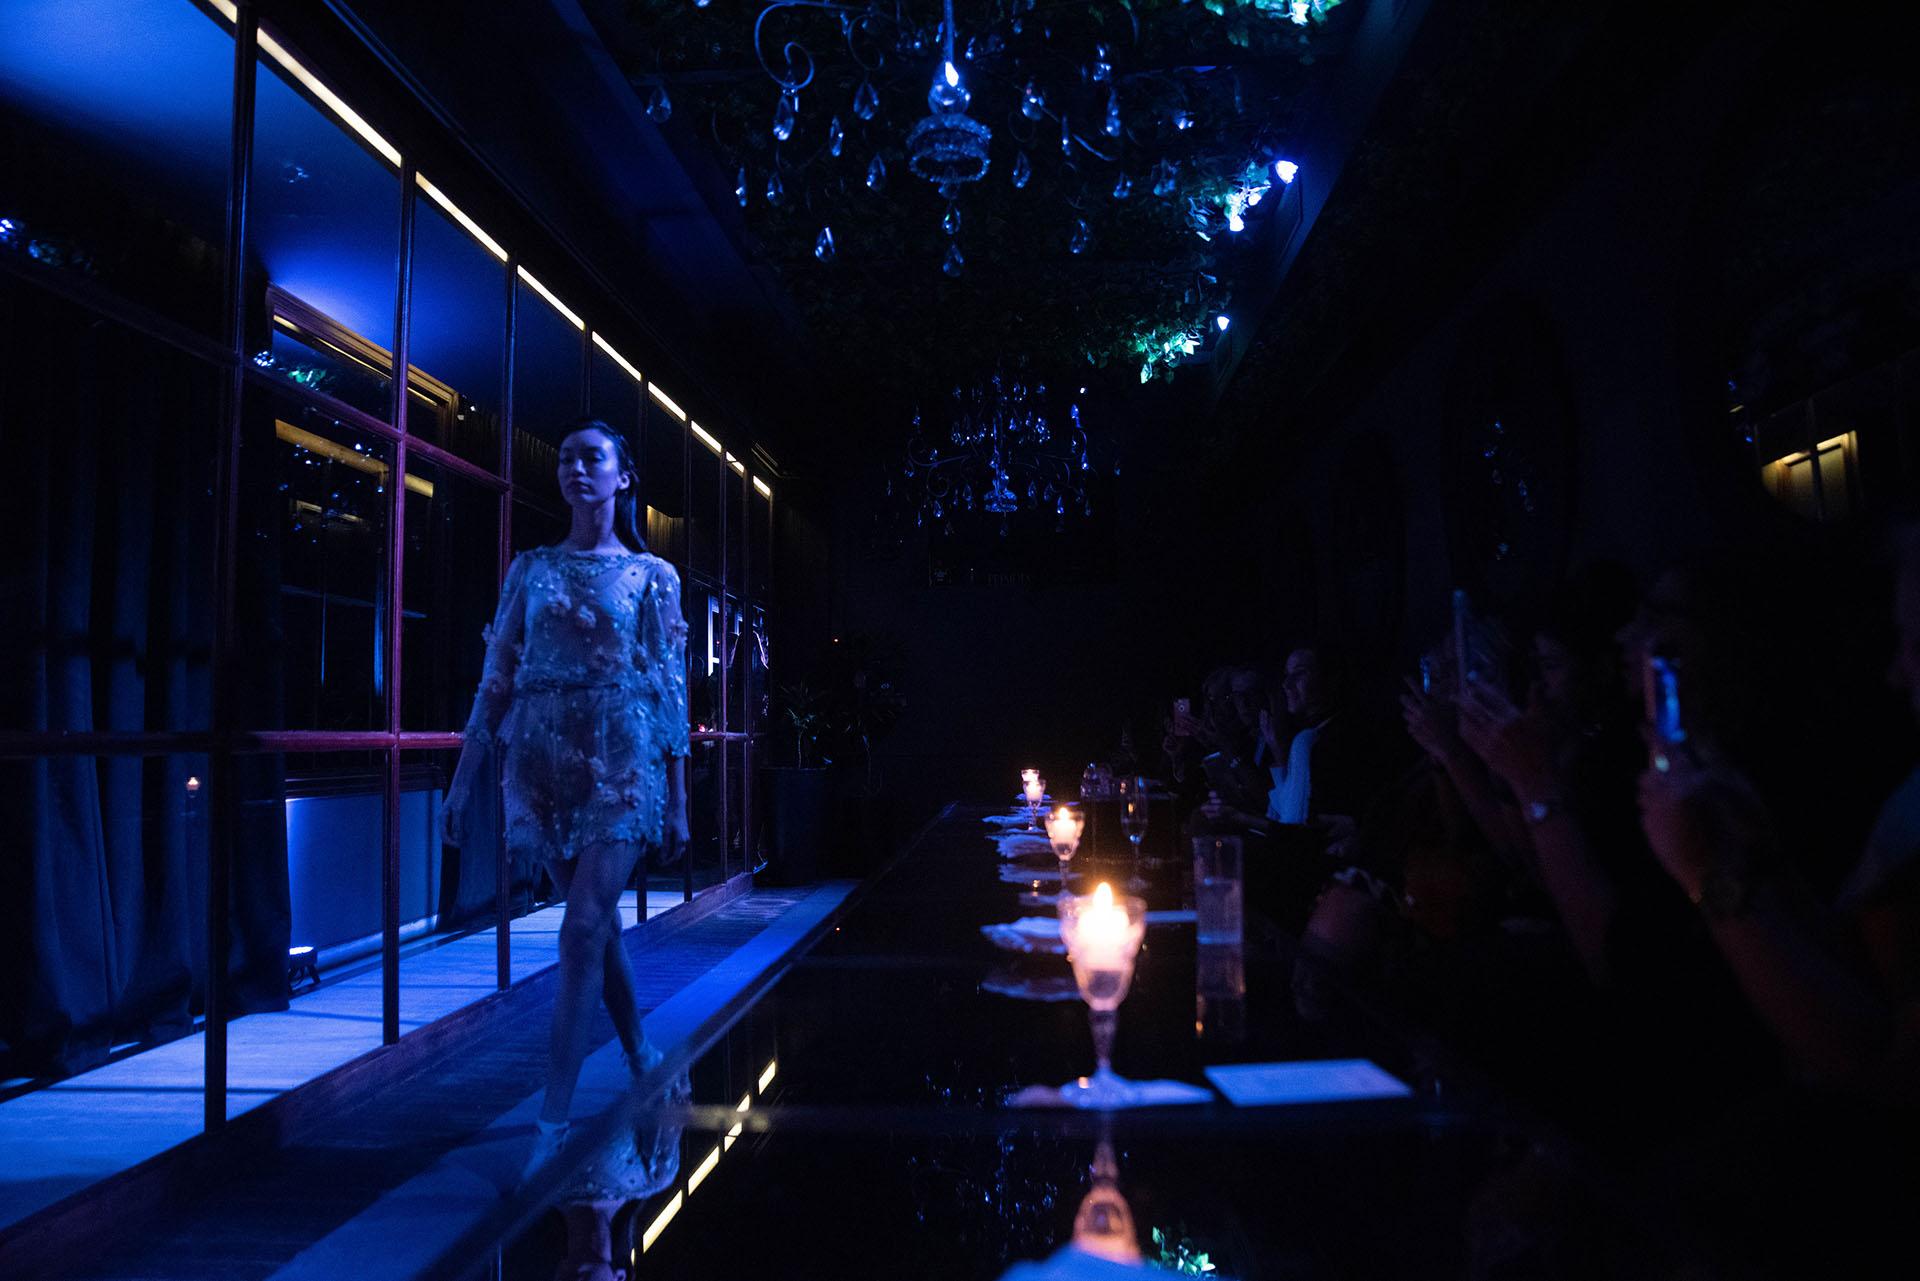 El diseñador se dedica a dar vida a vestidos de nocheresaltando la feminidad